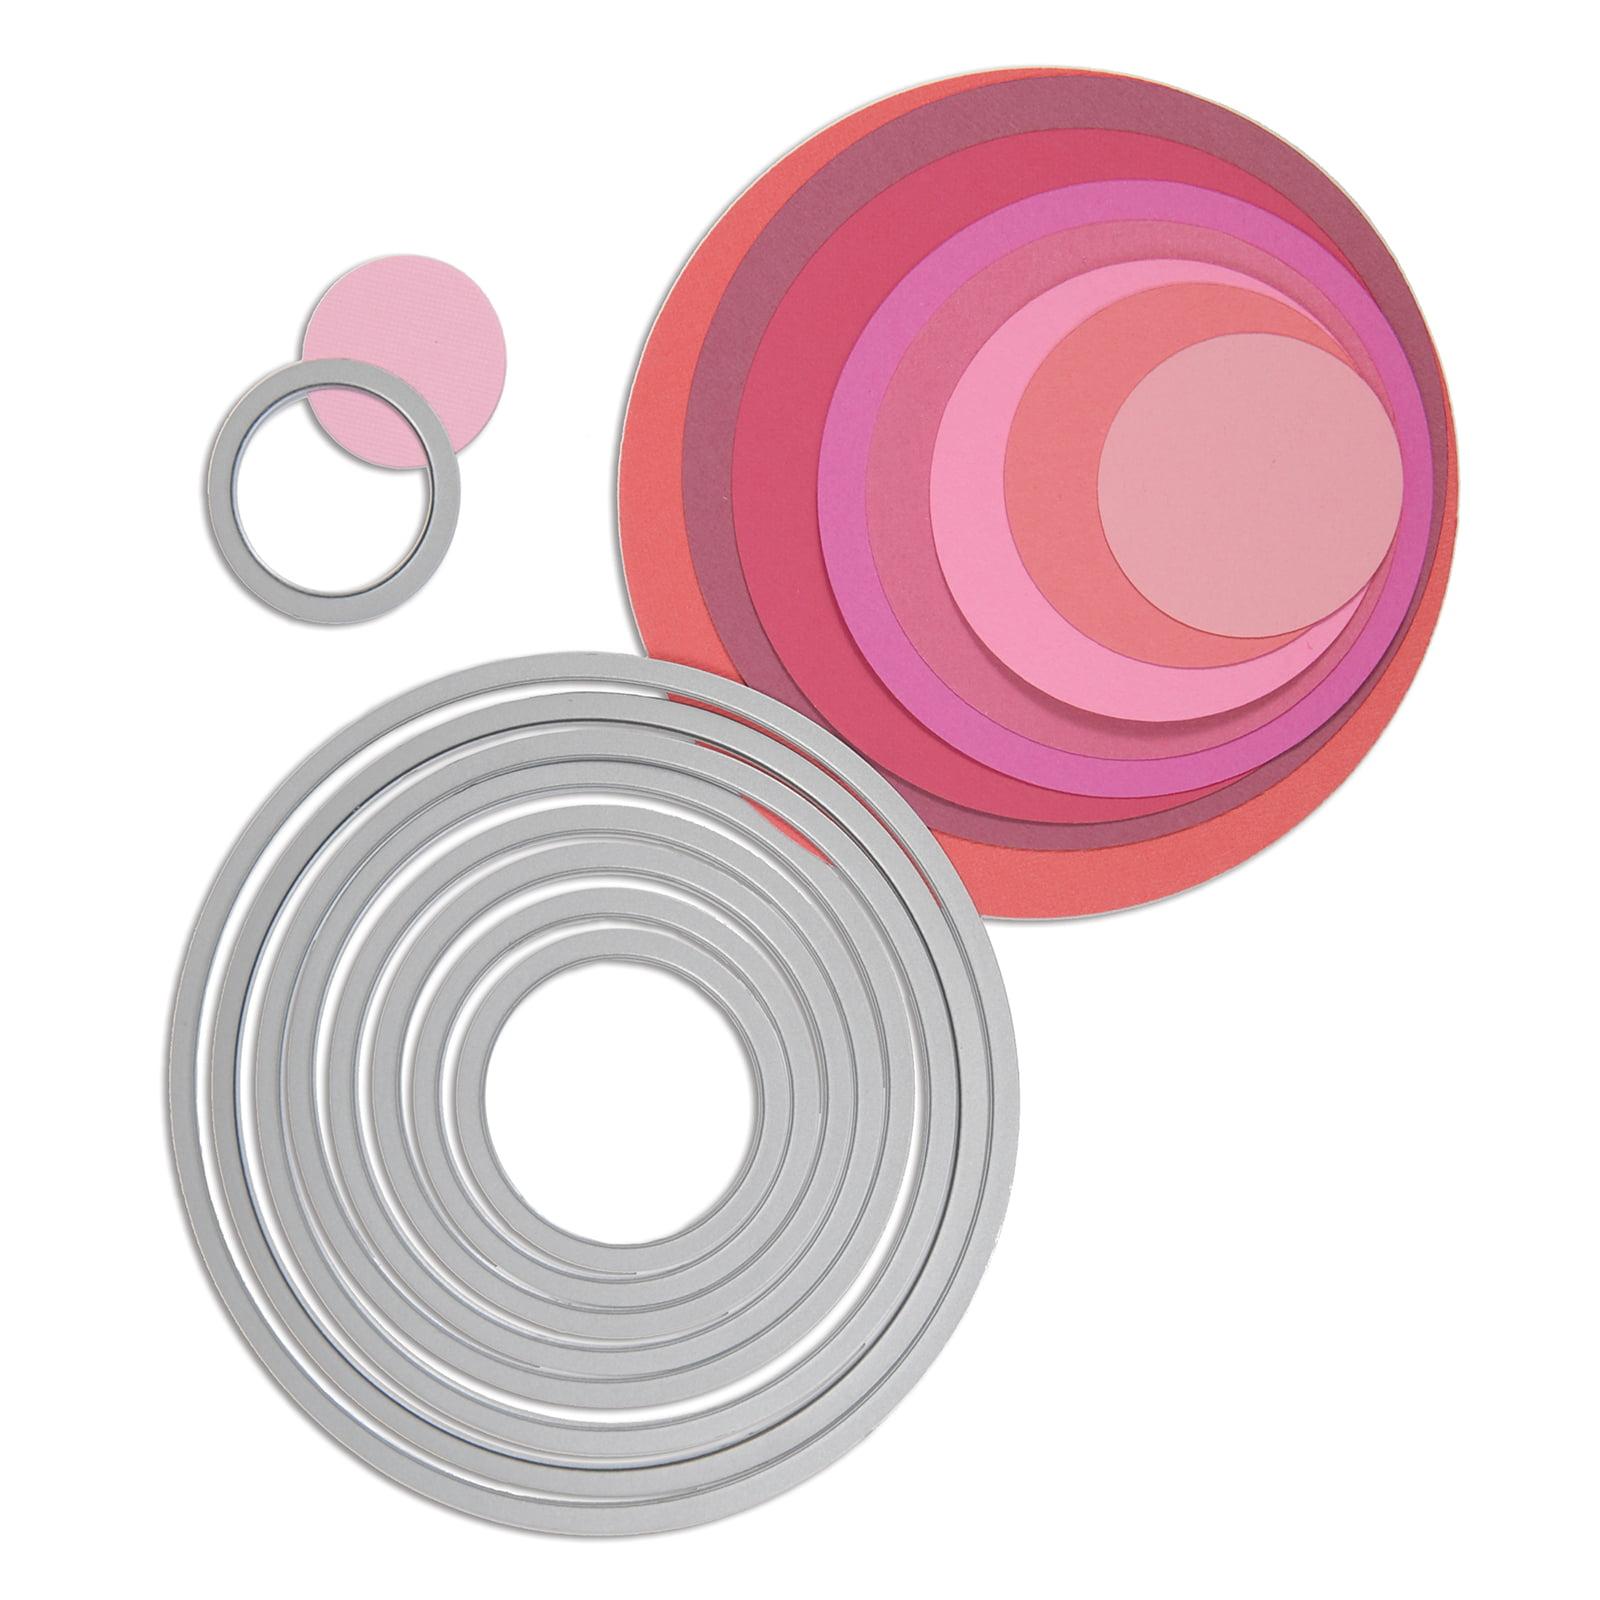 Sizzix Framelits Die Set - 8PK Circles